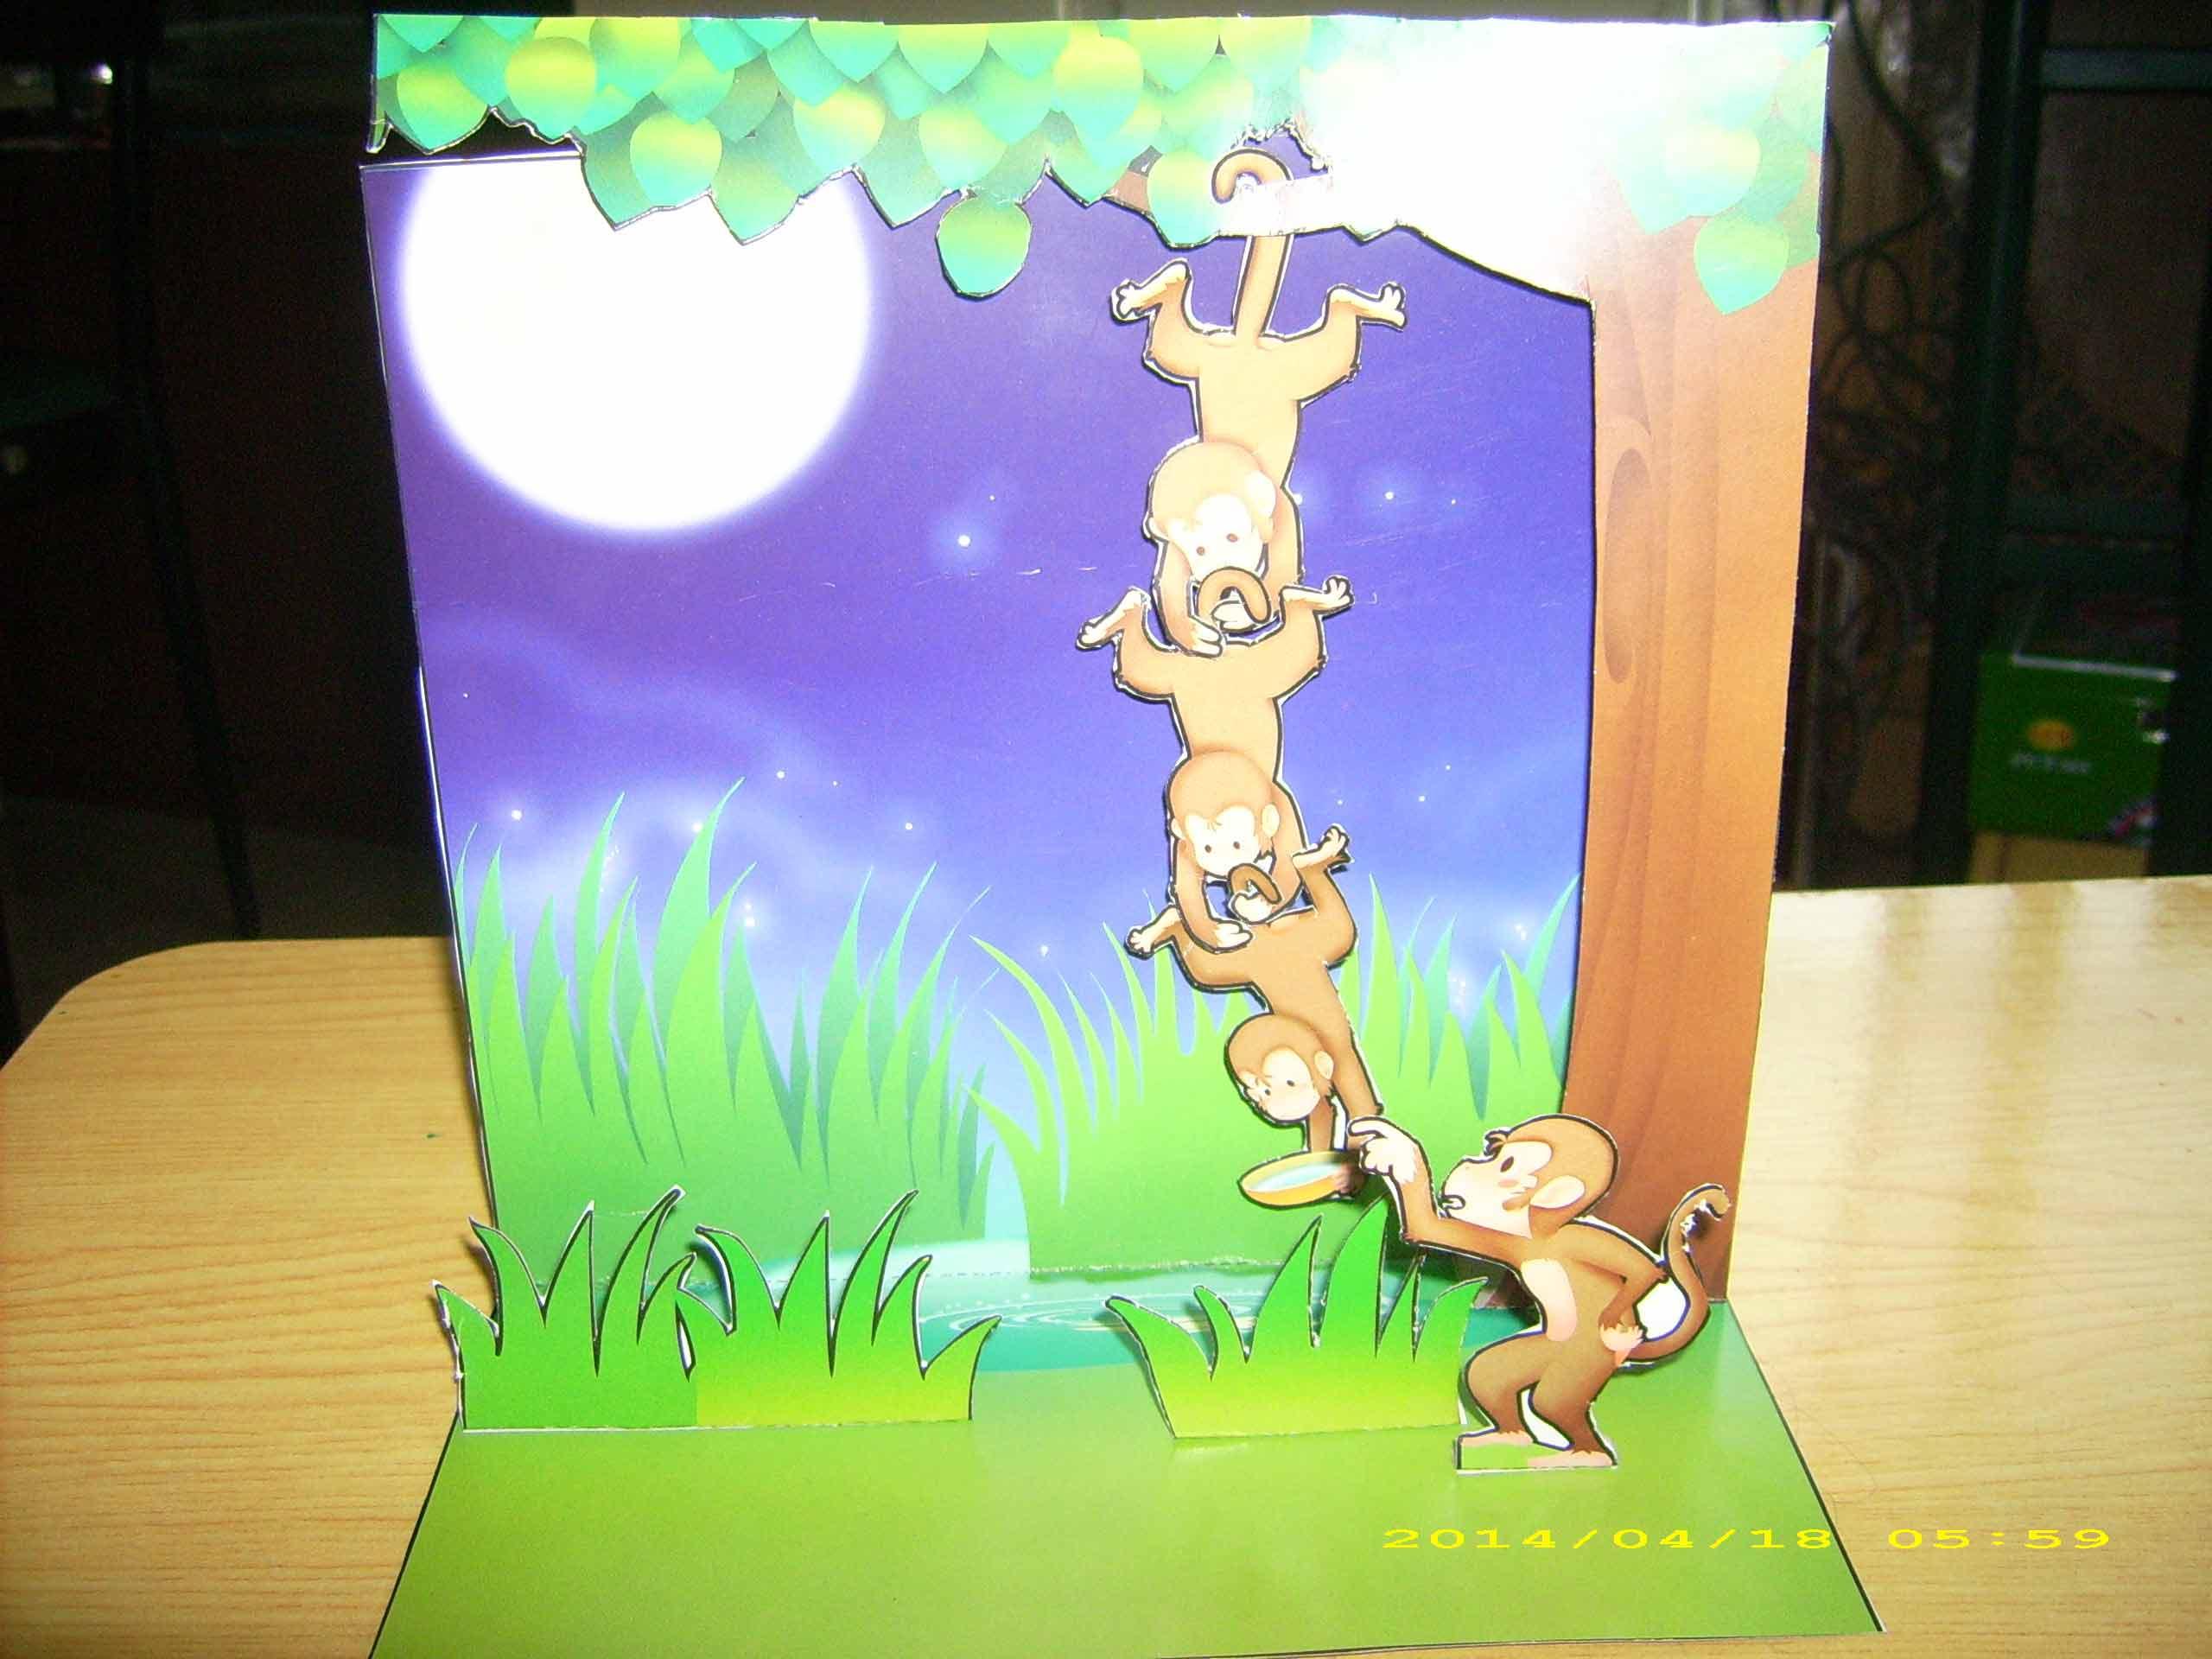 猴子捞月简易画_猴子捞月简笔画_猴子捞月卡通画_银澜手机图片壁纸